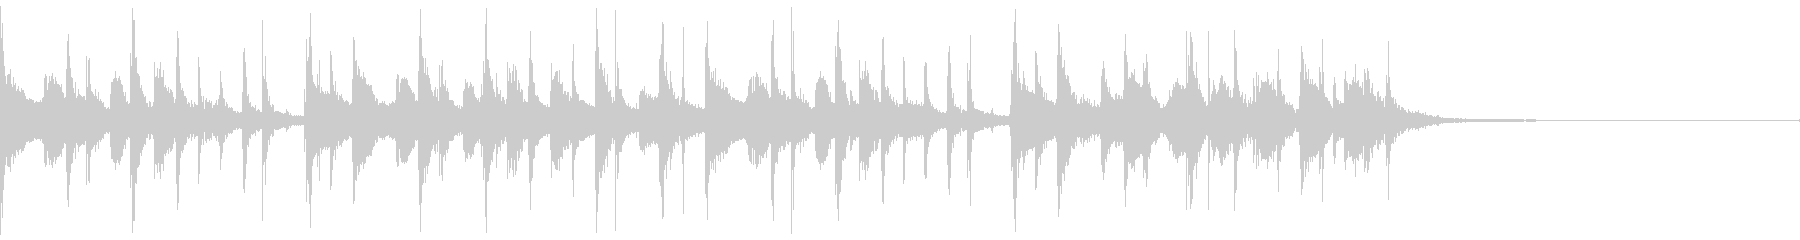 カリビアンジングル2(OP系)の未再生の波形